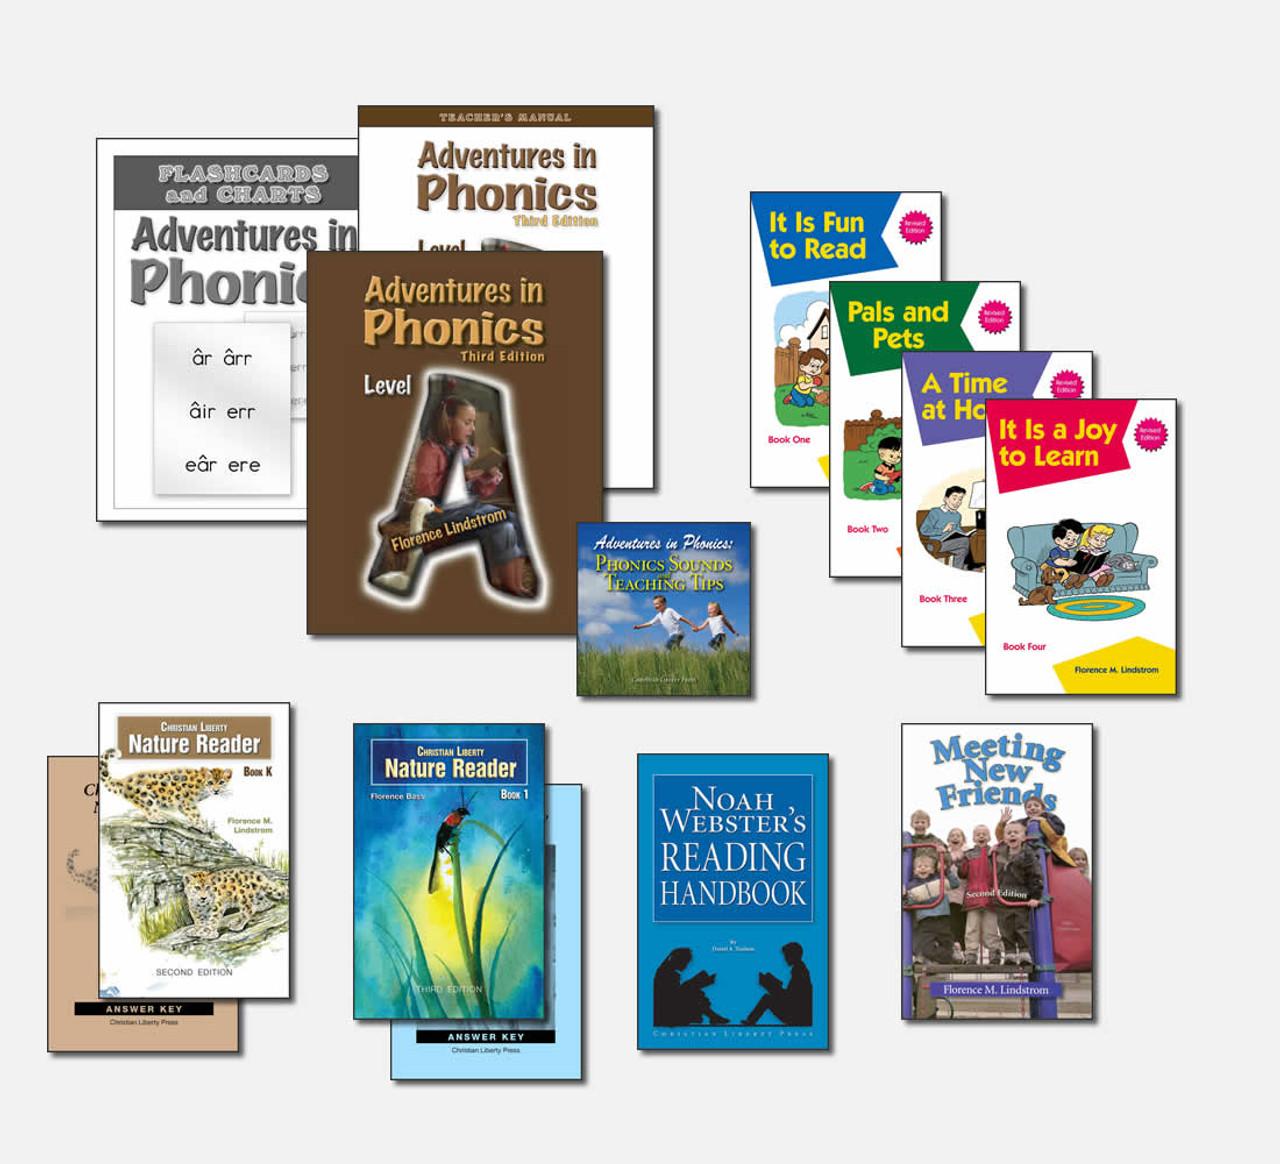 Adventures in Phonics Reading Program